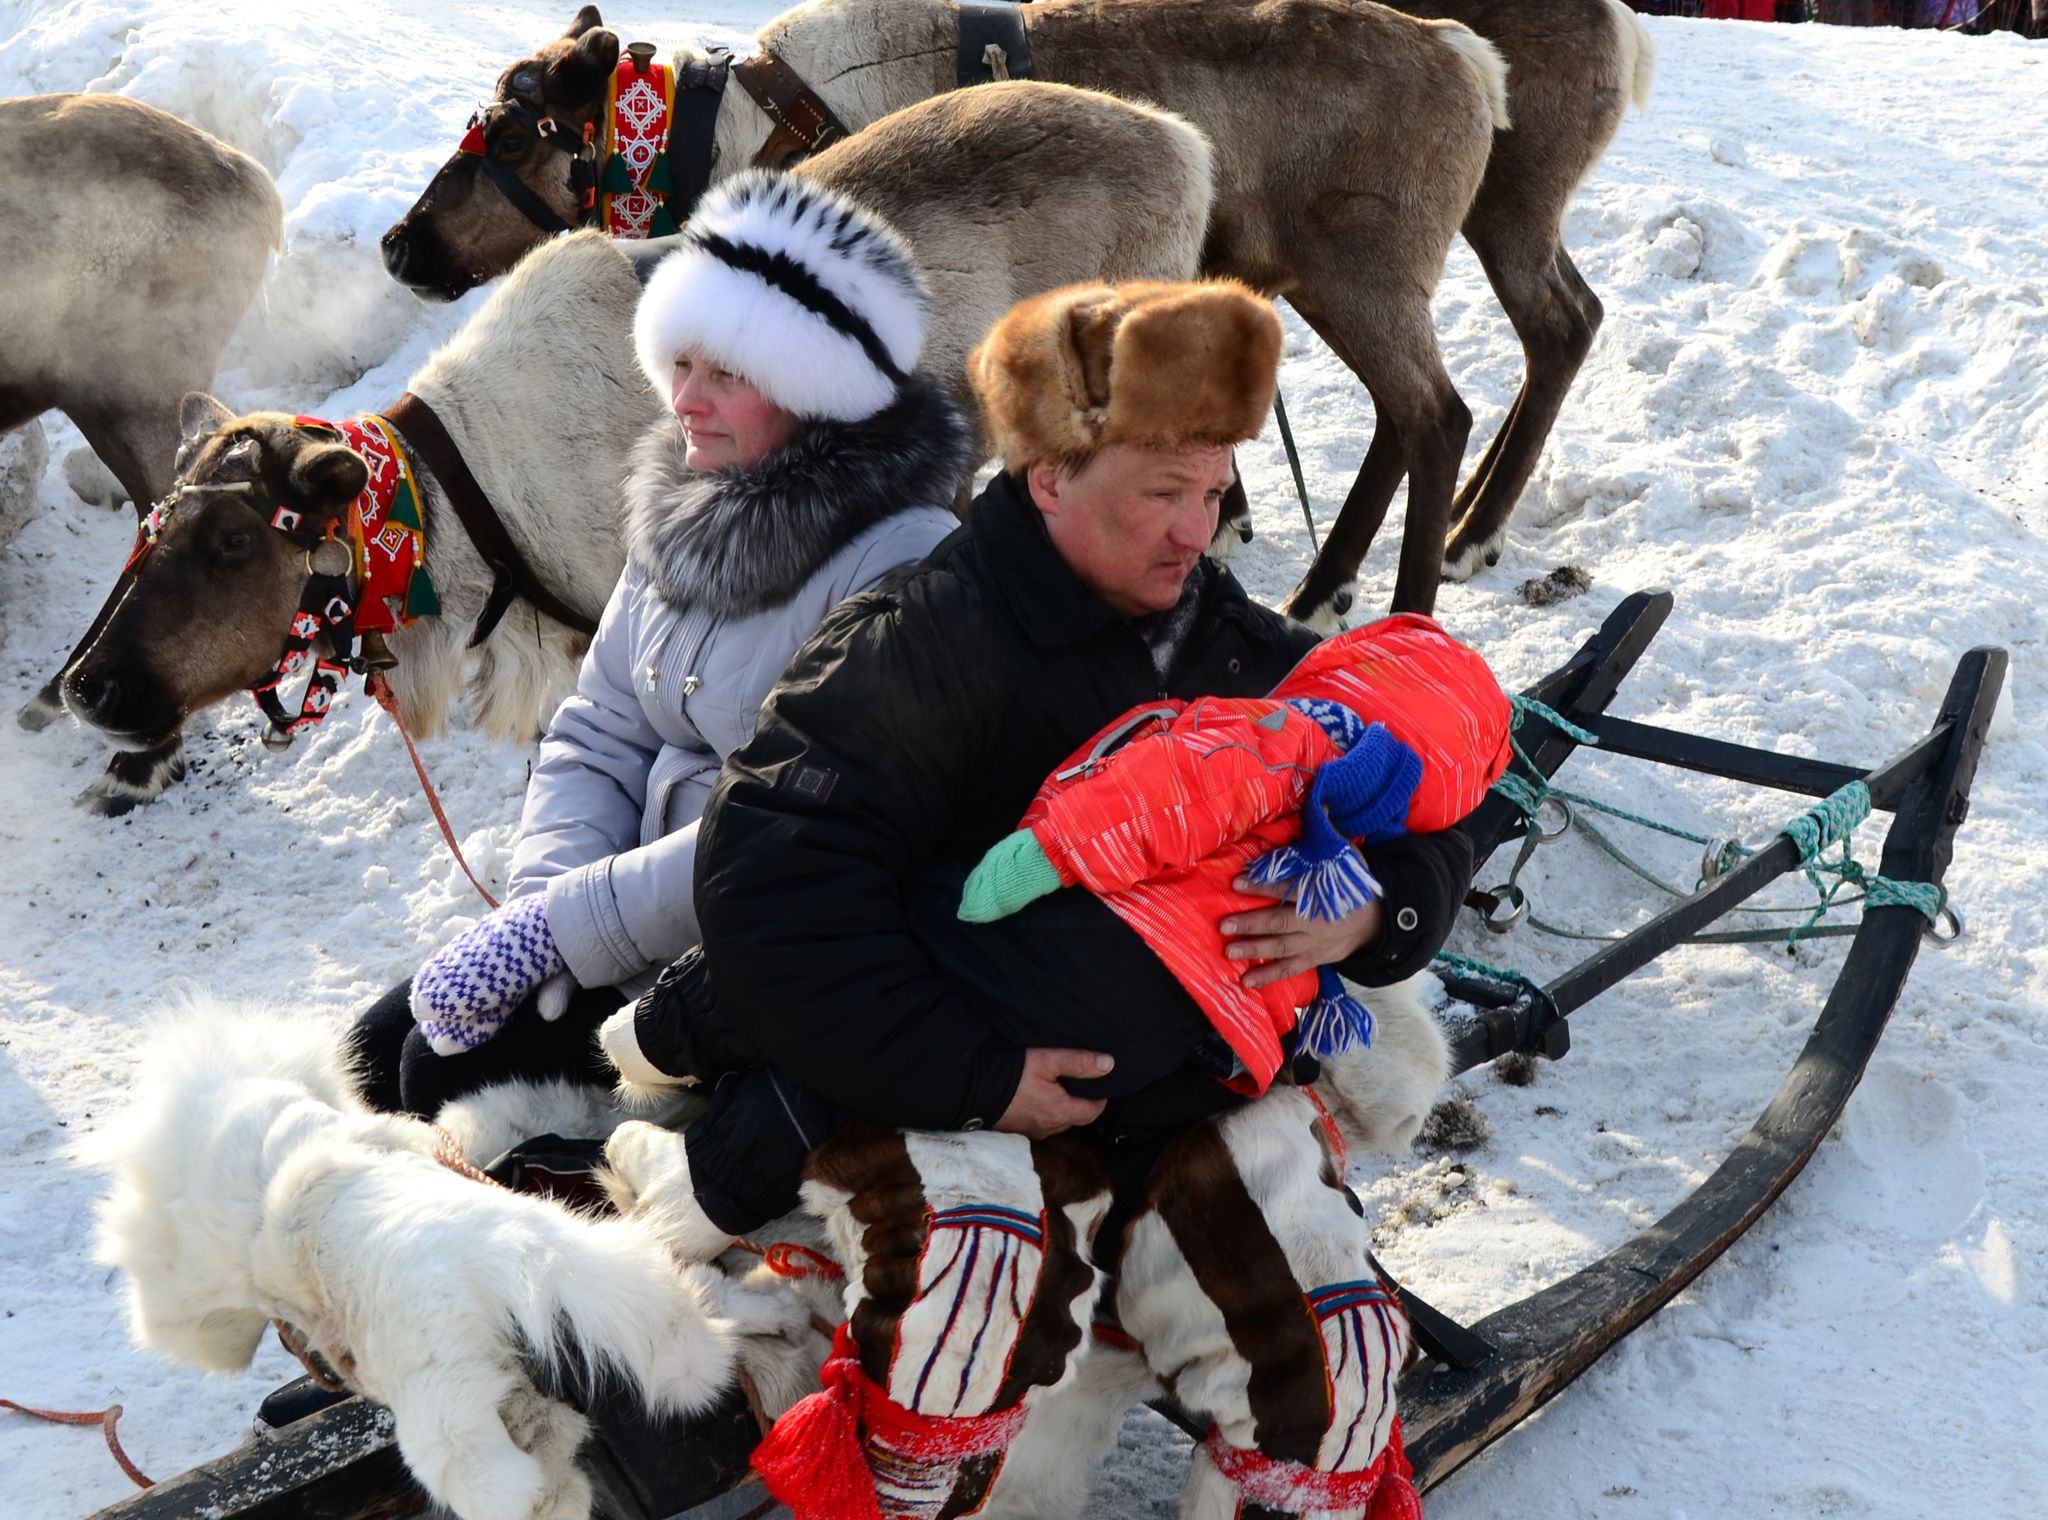 фото оленевода с семьей публикует завидной периодичностью